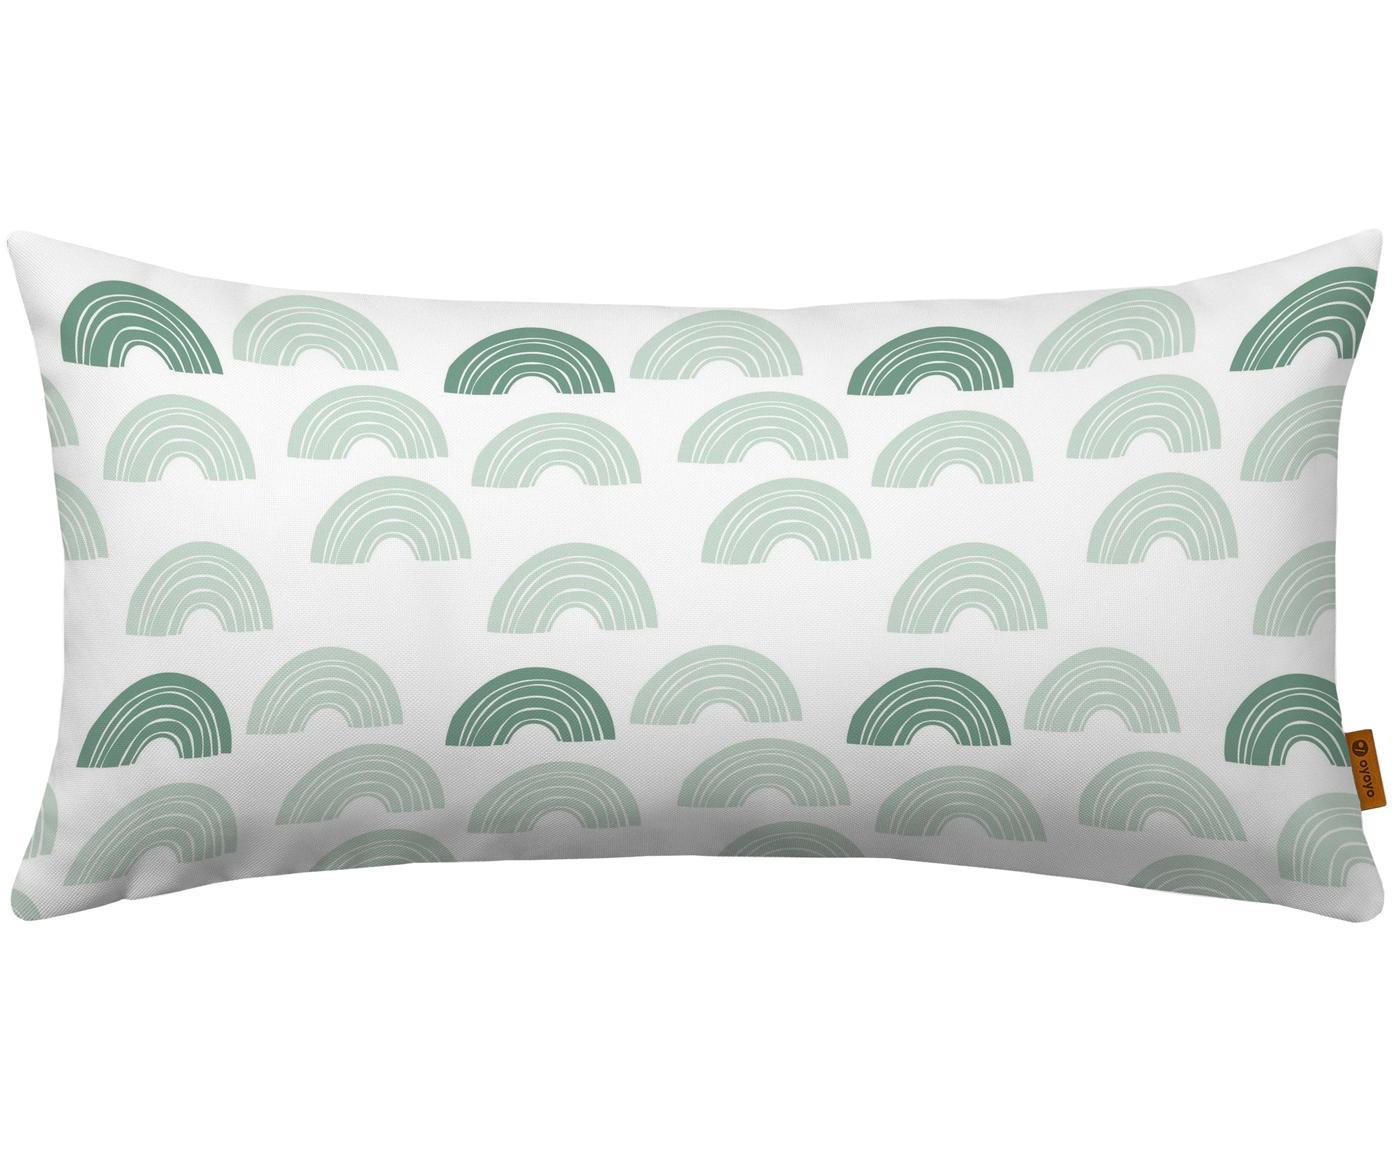 Kussen Rainbow Dream, met vulling, Wit, mintgroen, groen, 30 x 60 cm